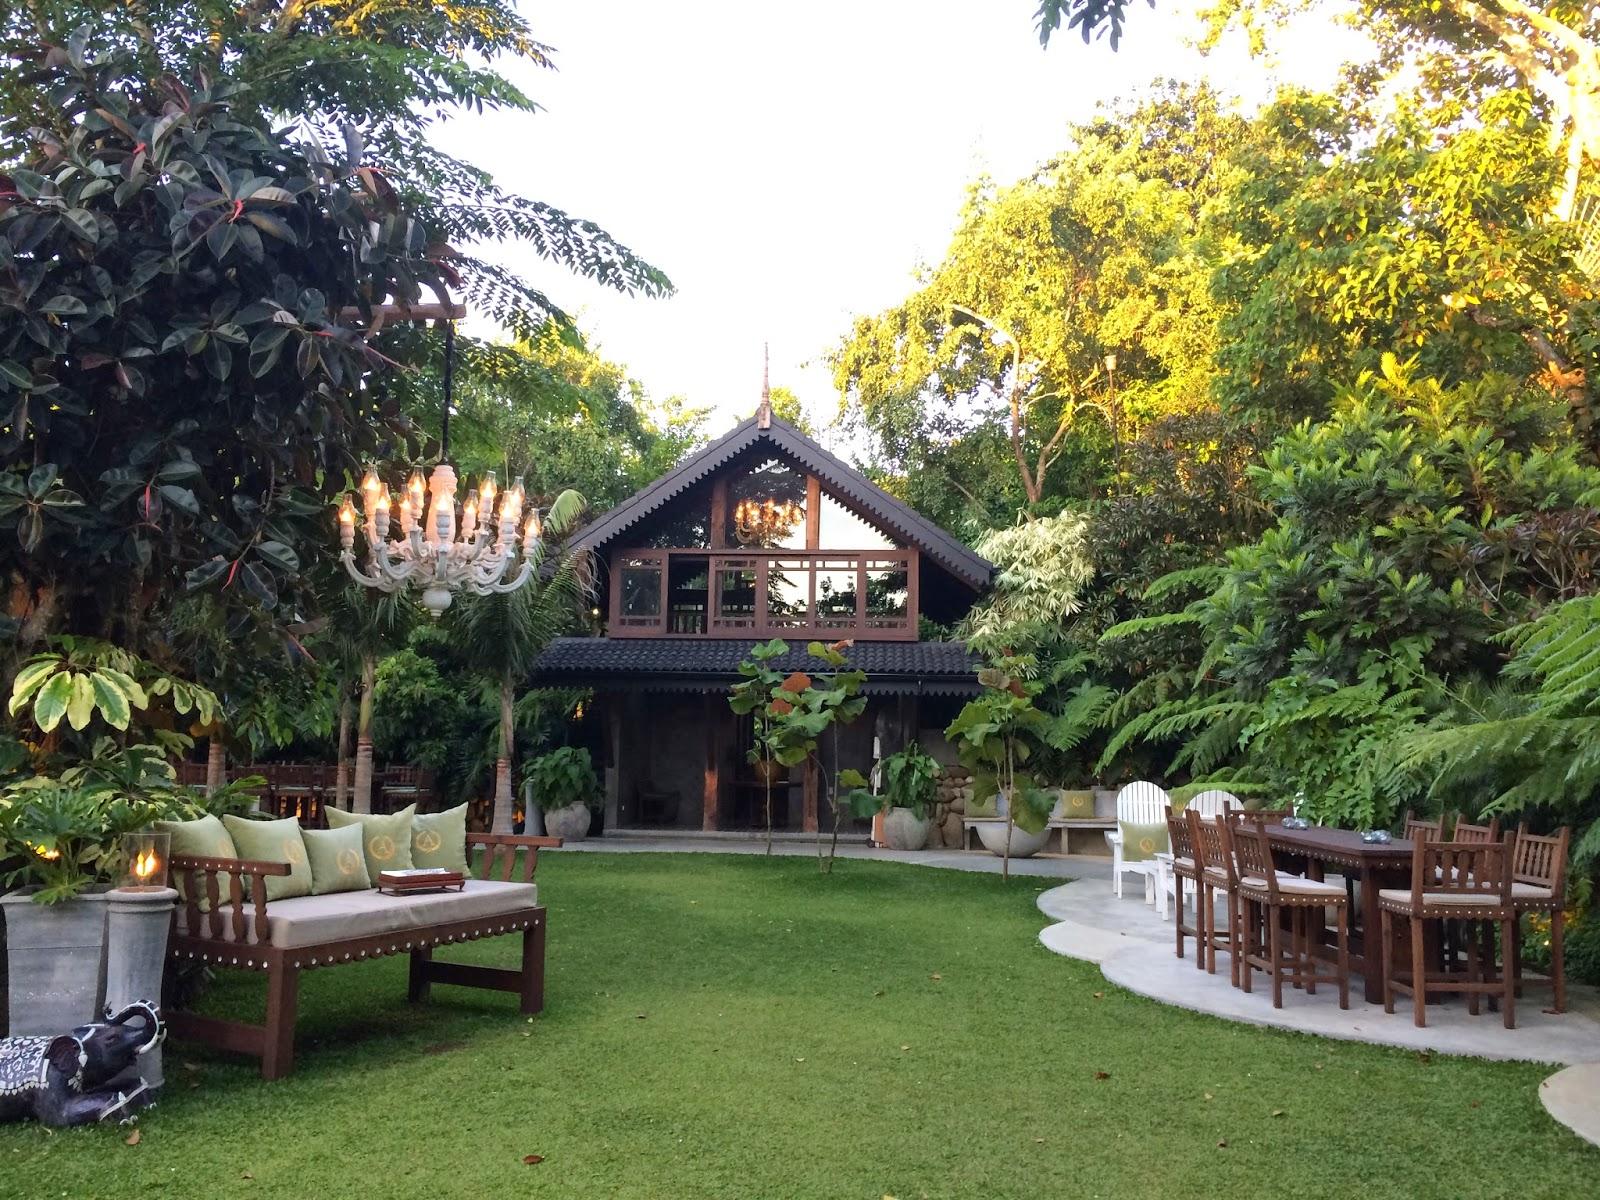 Grandeur Traveler The Lanai Lounge At Antonio 39 S Tagaytay